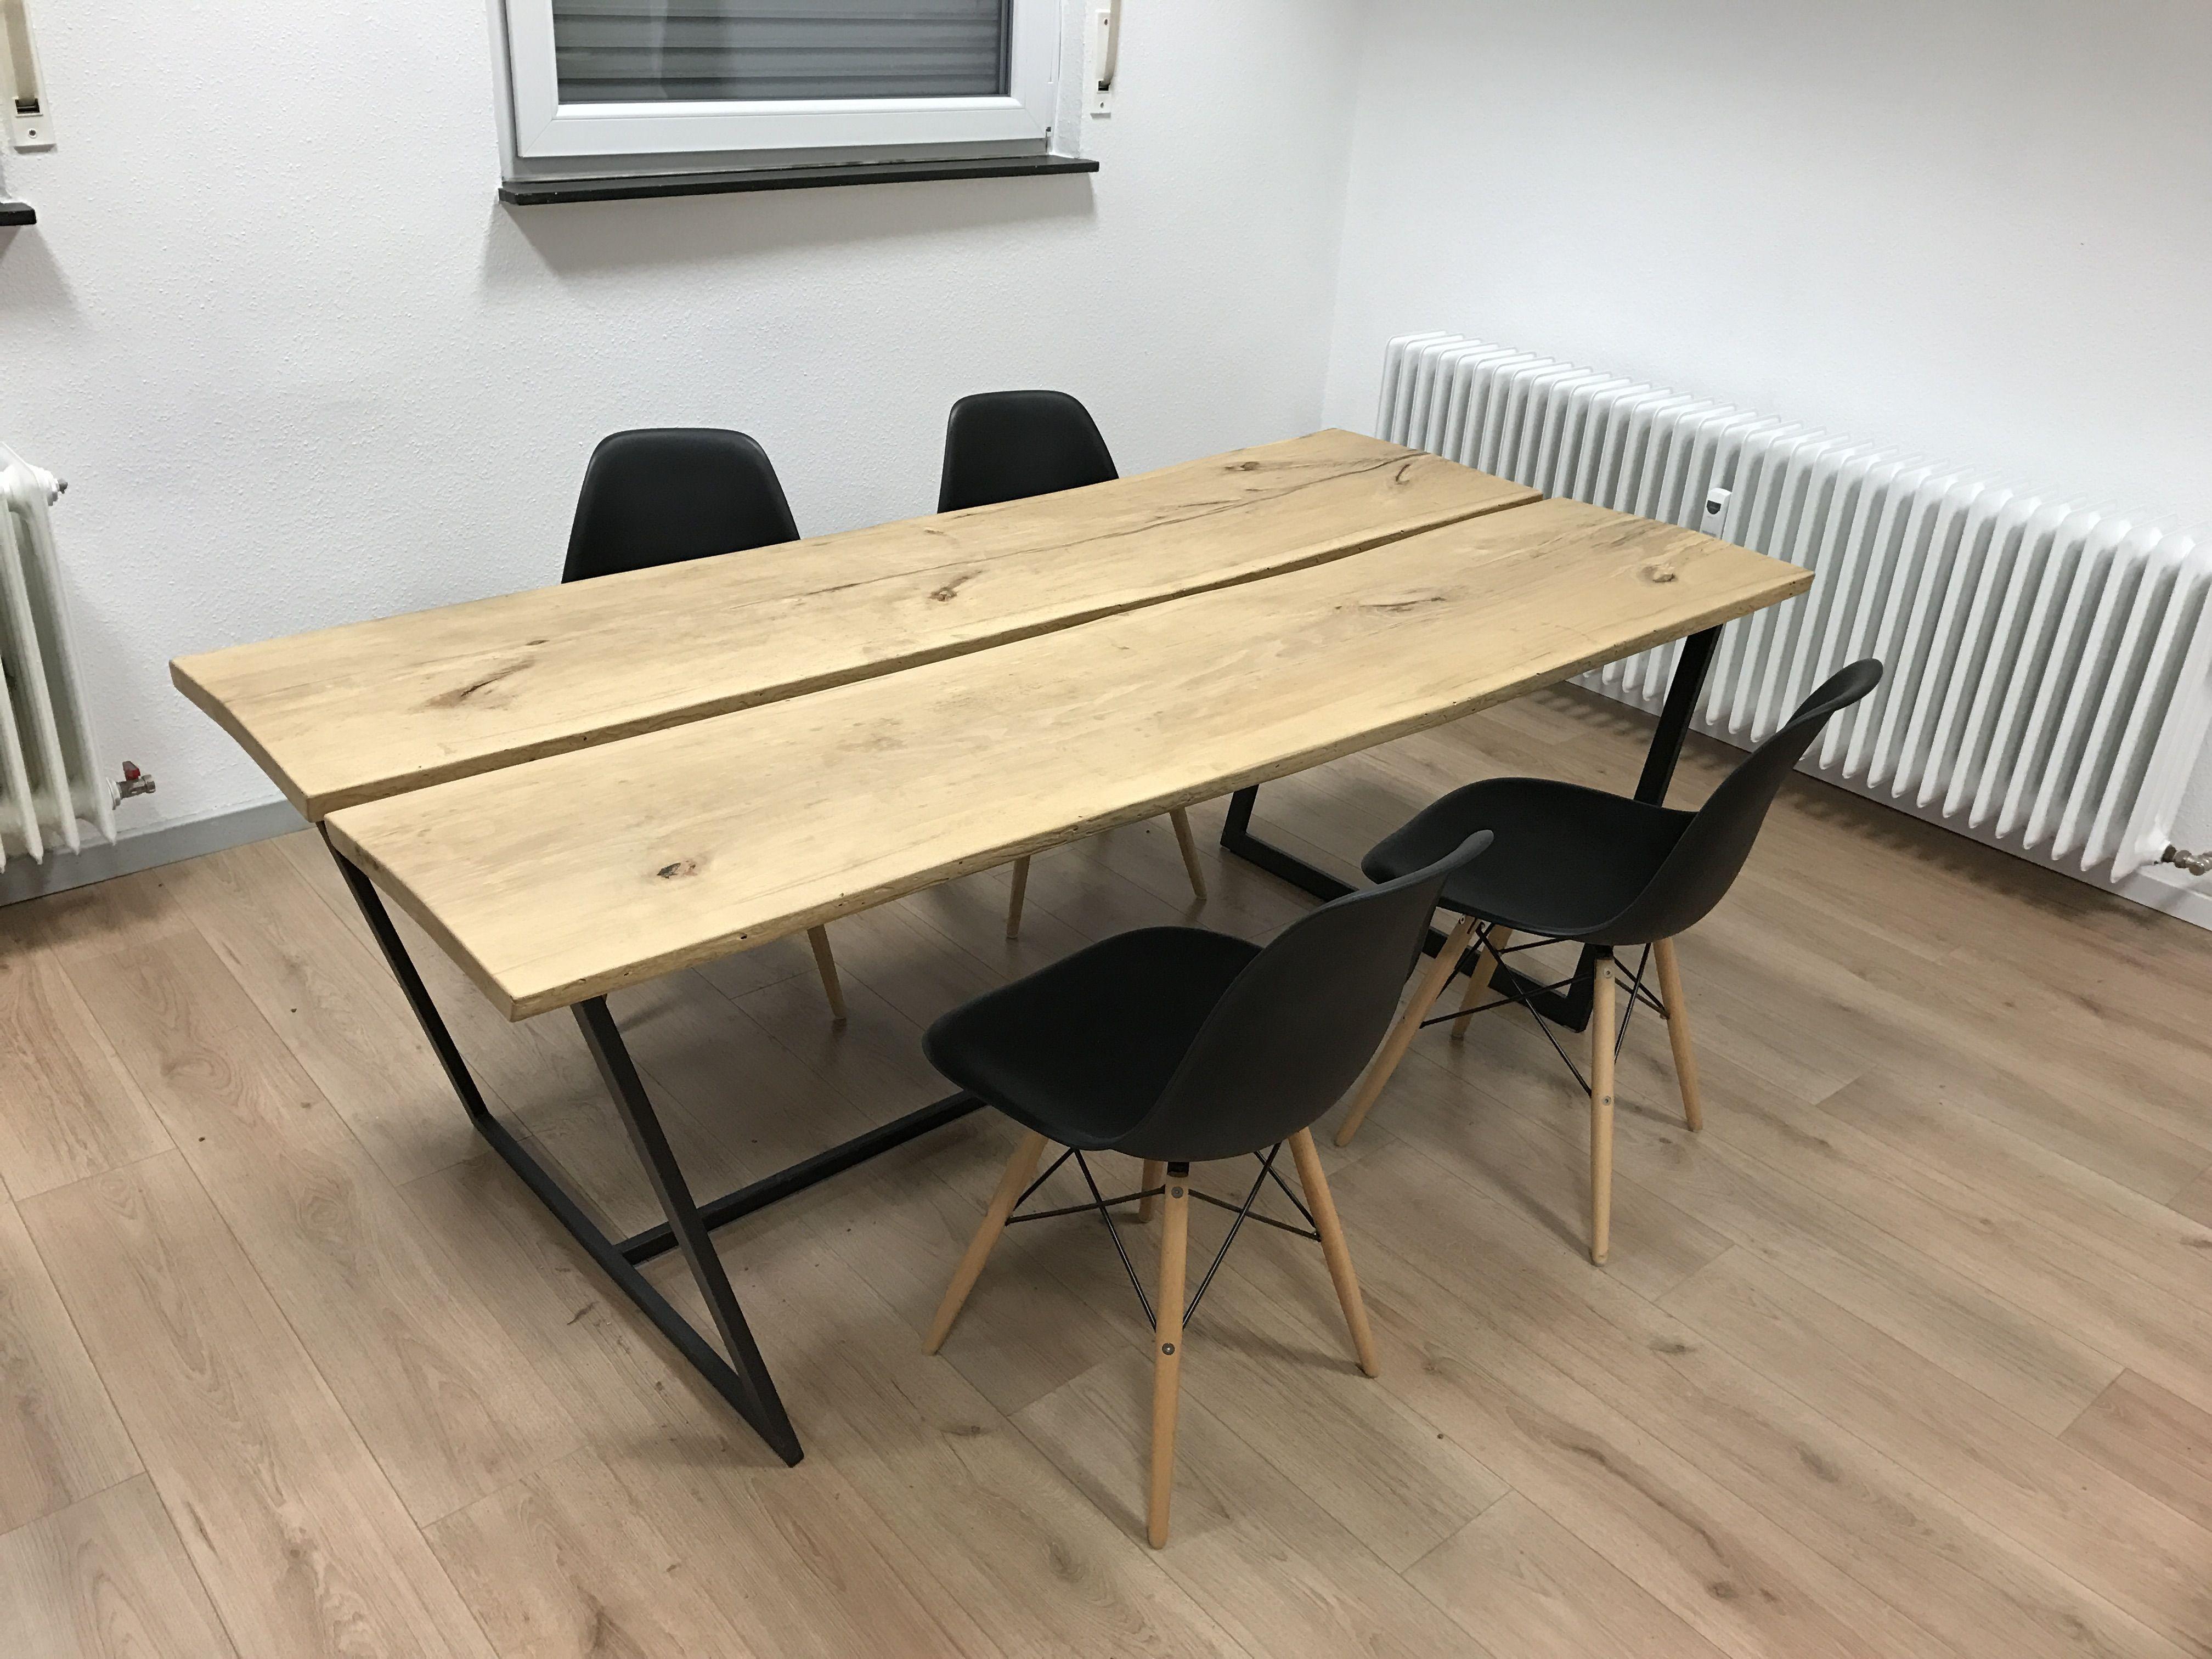 Holztisch mit Metallgestell | Holztisch mit metallgestell ...